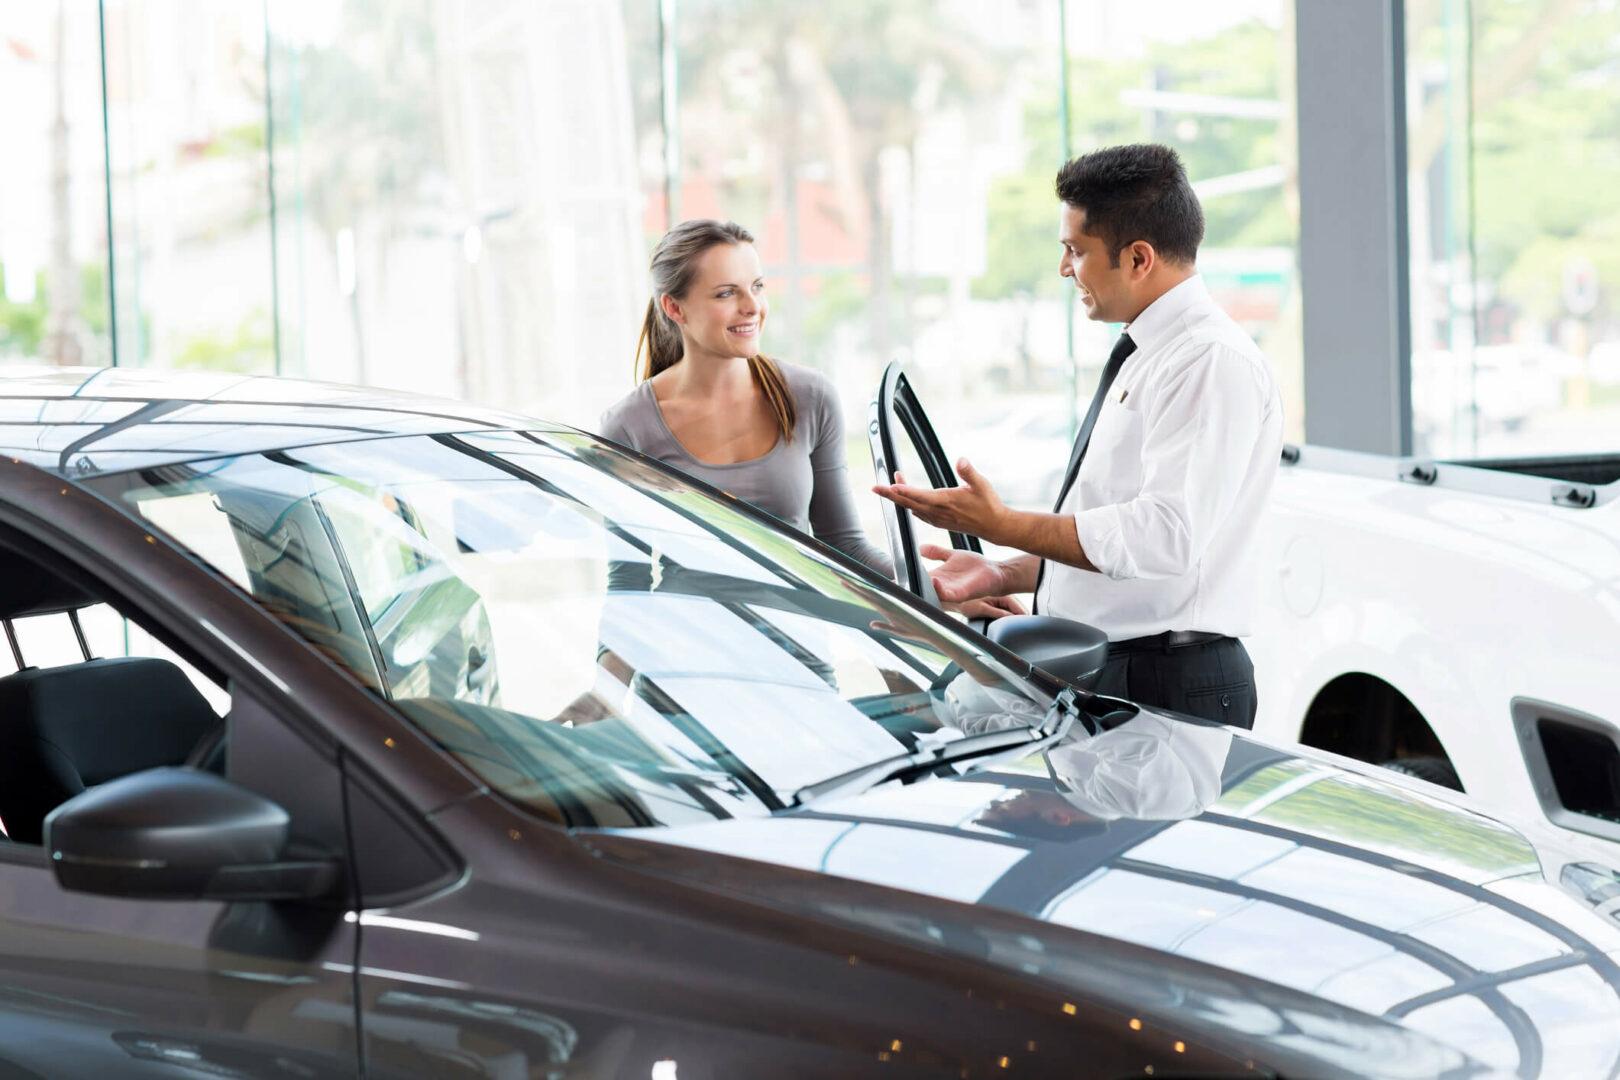 Como a boa relação dos funcionários influencia no sucesso de uma revendedora de carros?